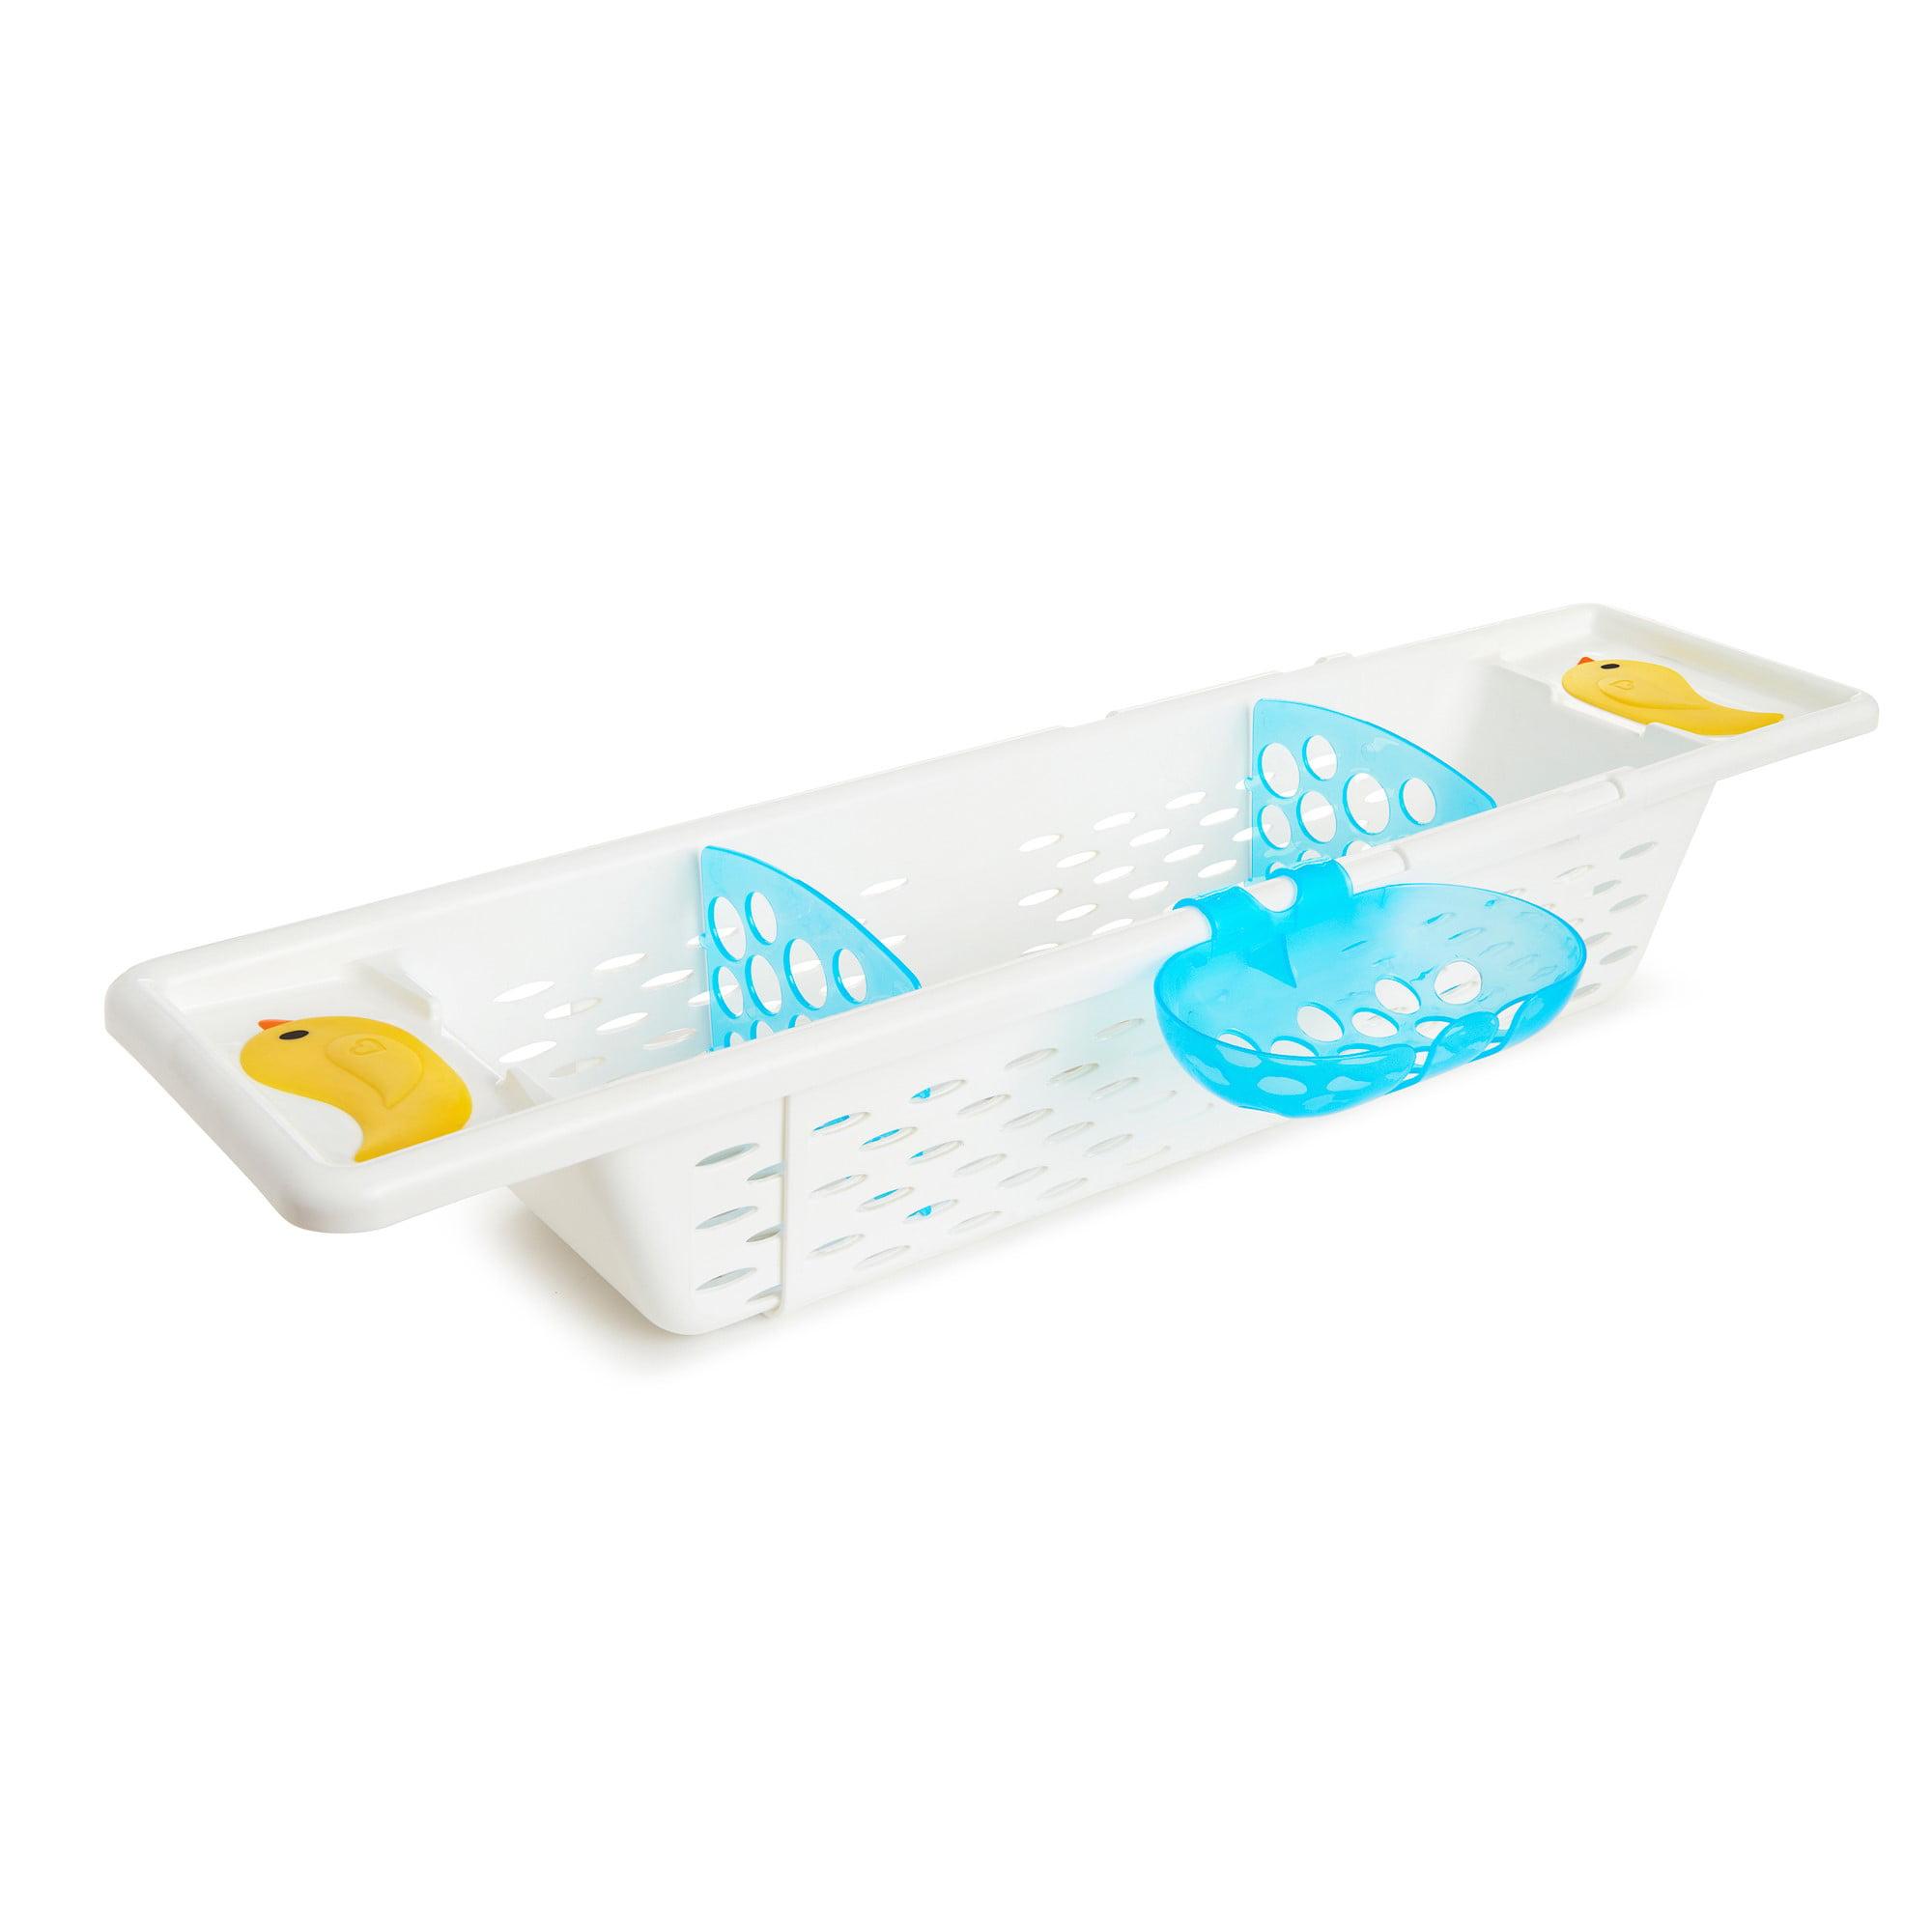 Munchkin Supergrip Bath Caddy by Munchkin, Inc.